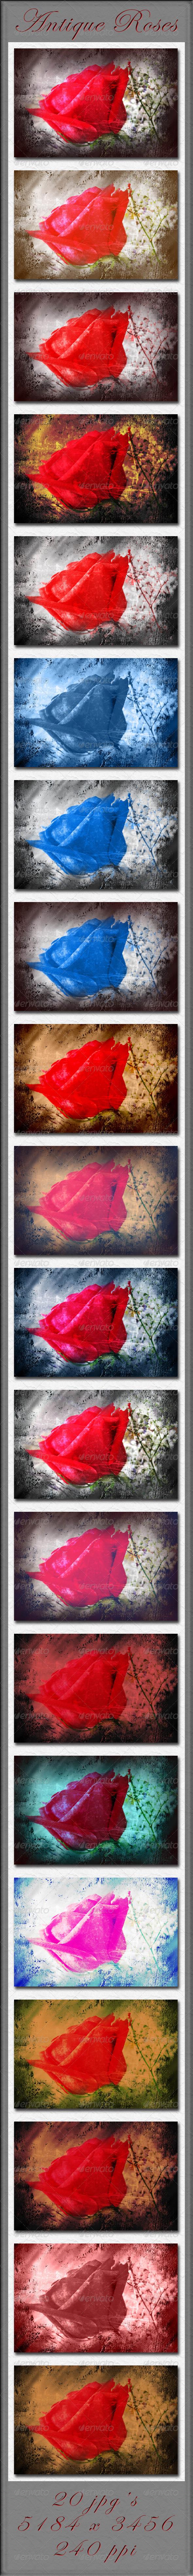 GraphicRiver Antique Roses 4262882